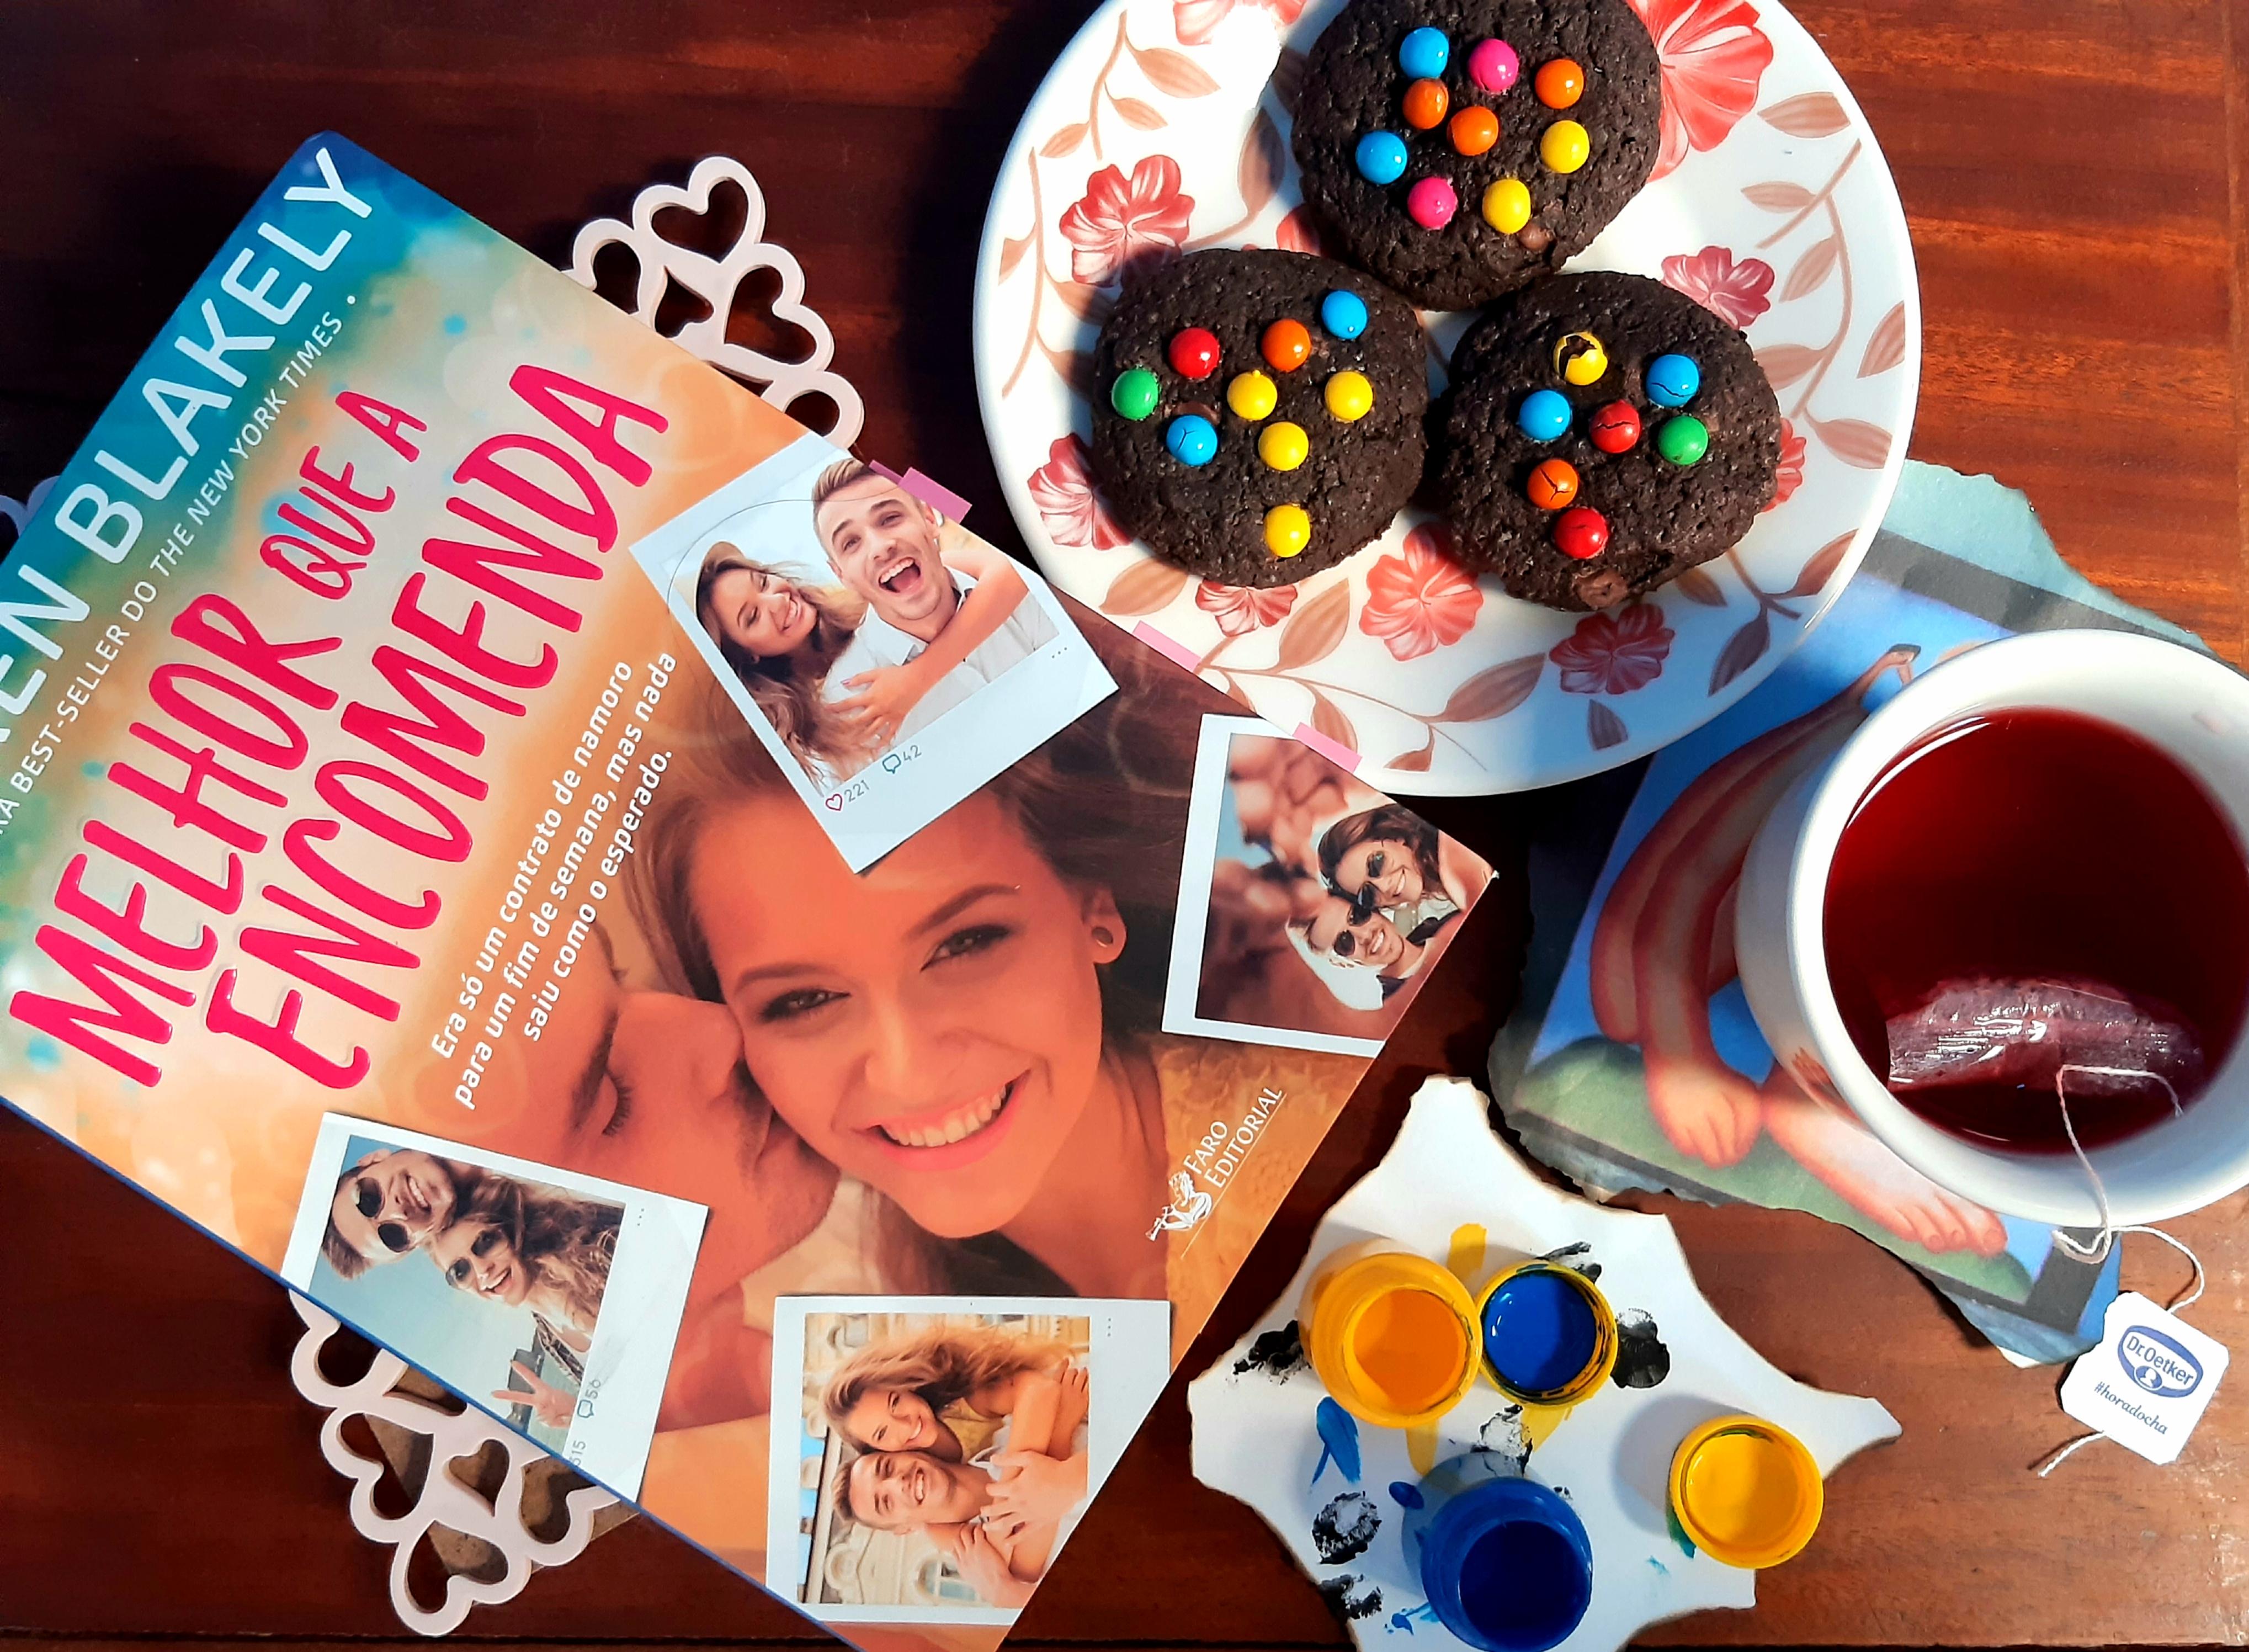 Melhor que a encomenda, Romance, Livros, Lauren Blakely, Editora Faro, Resenha, Beleza de Livros, belezadelivros.com